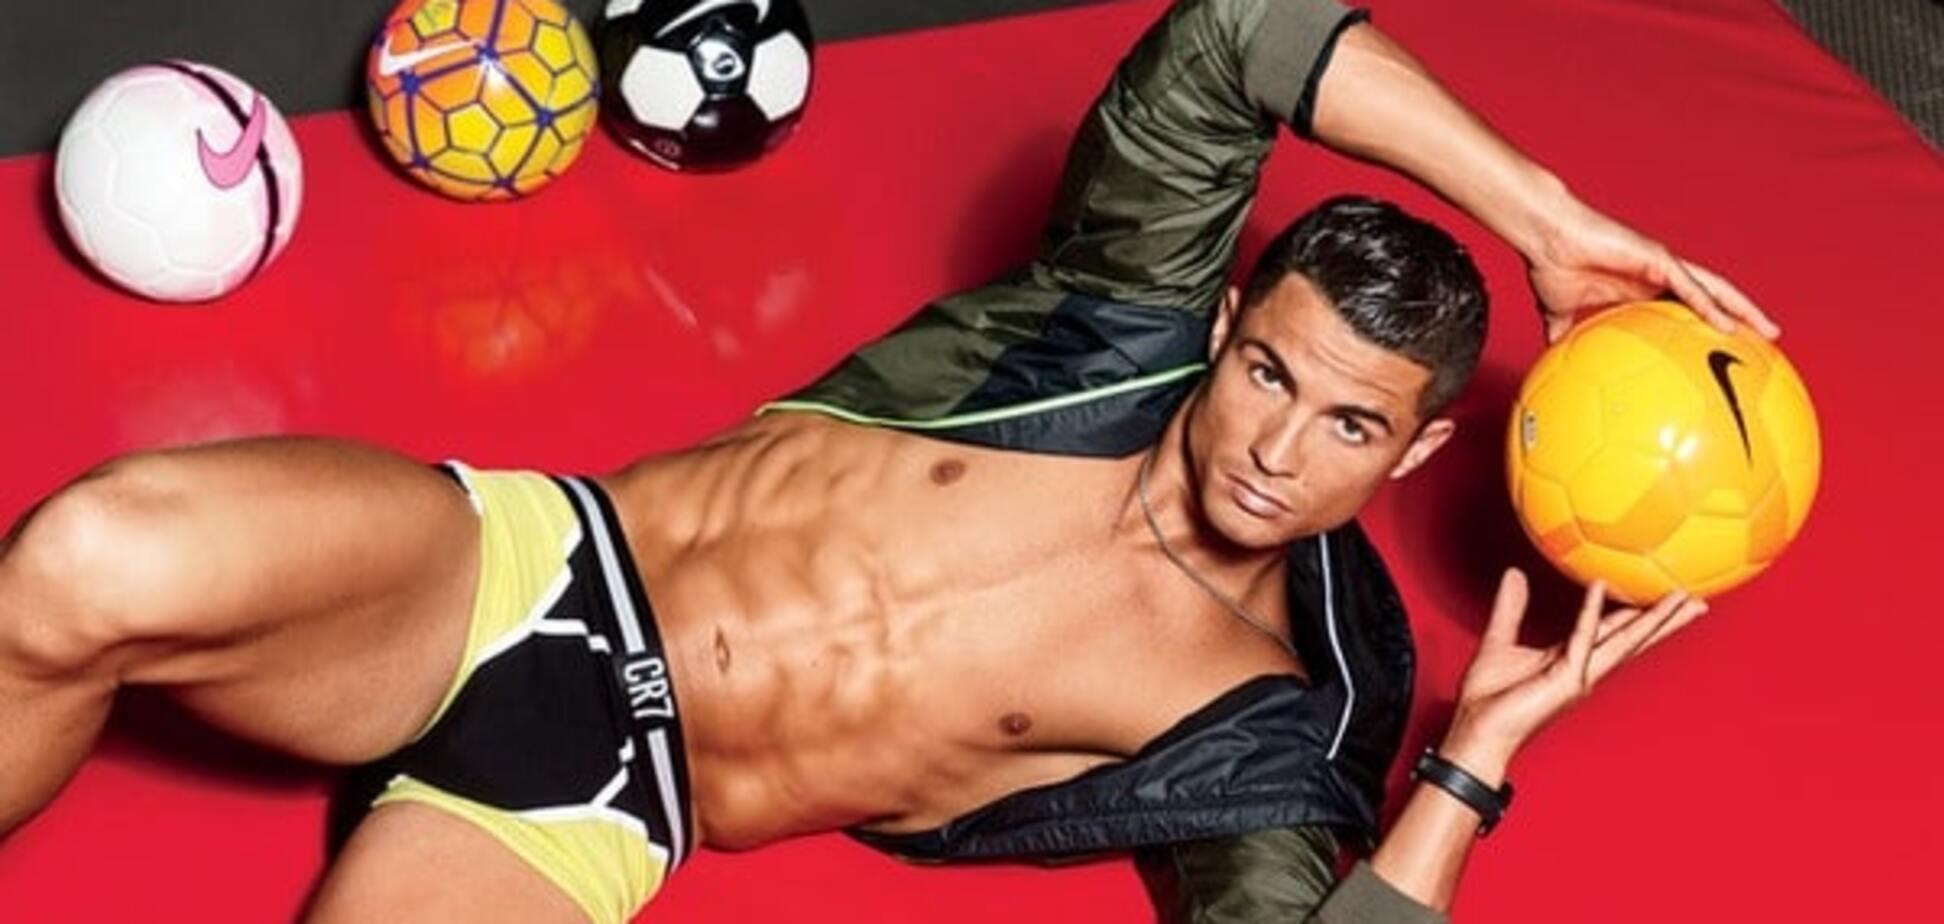 Криштиану Роналду снялся с обнаженной моделью в откровенной фотосессии